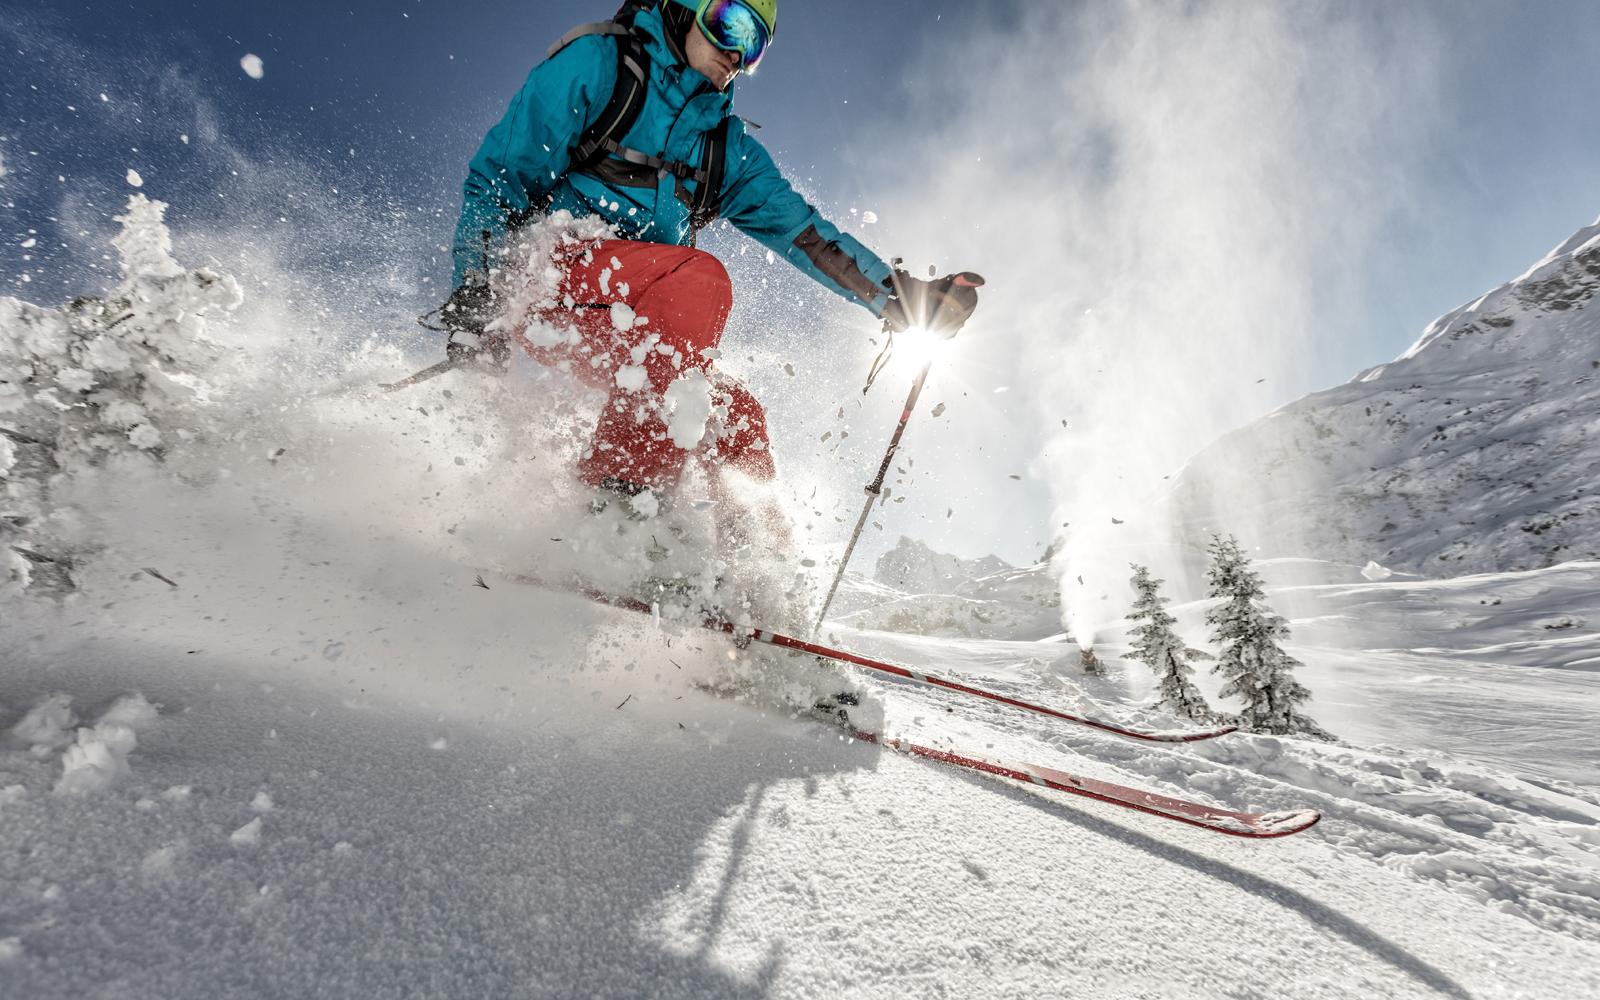 skier gaat van heuvel af in sneeuw